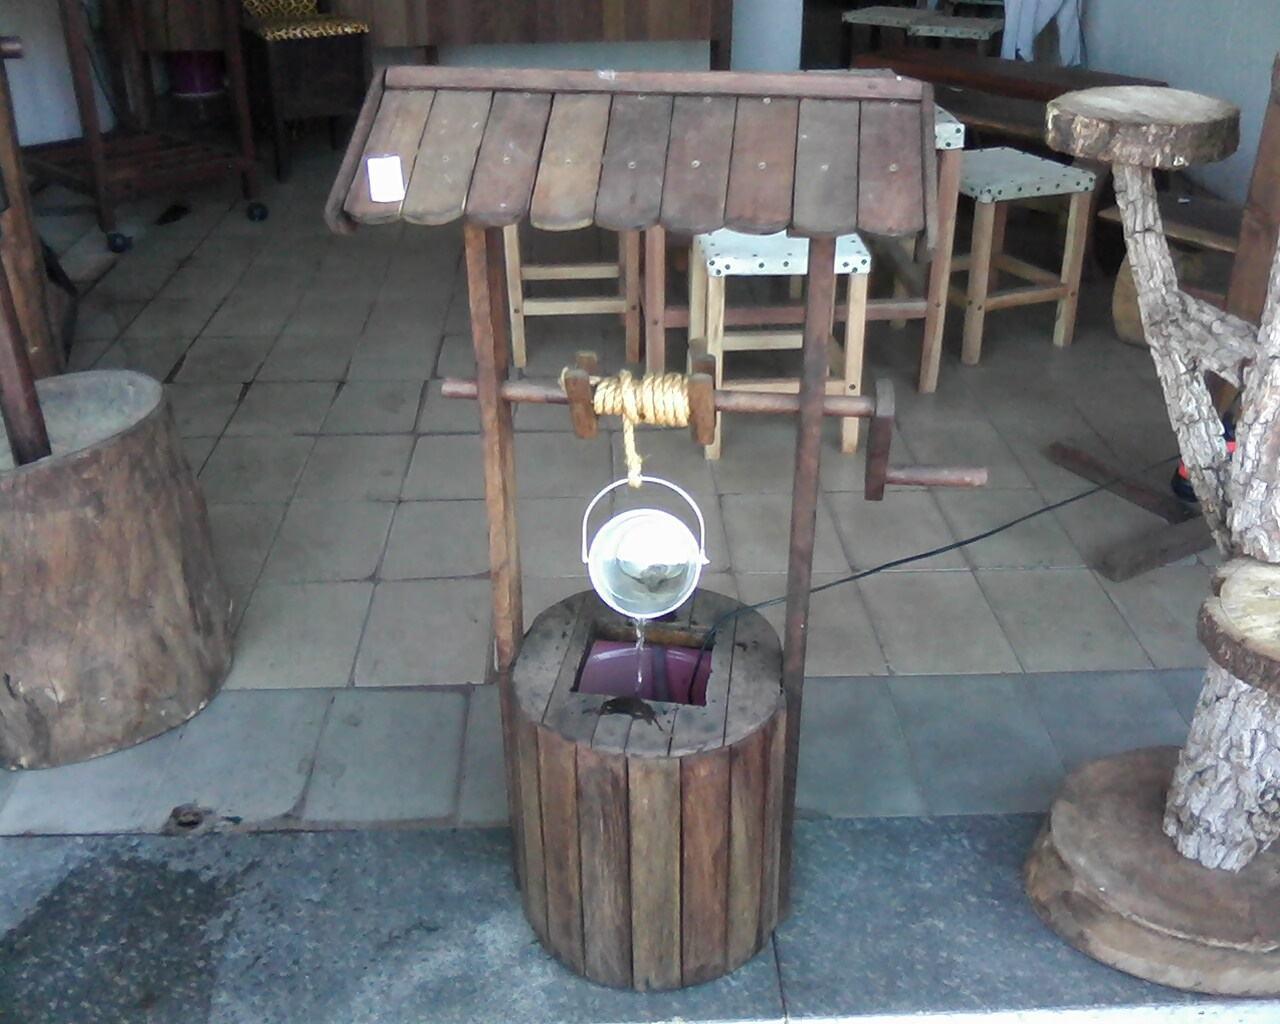 Artesanato Jardim Da Estrela ~ Conheça alguns artesanatos de madeira para cozinha, o jardim e decorativos para parede Só Detalhe